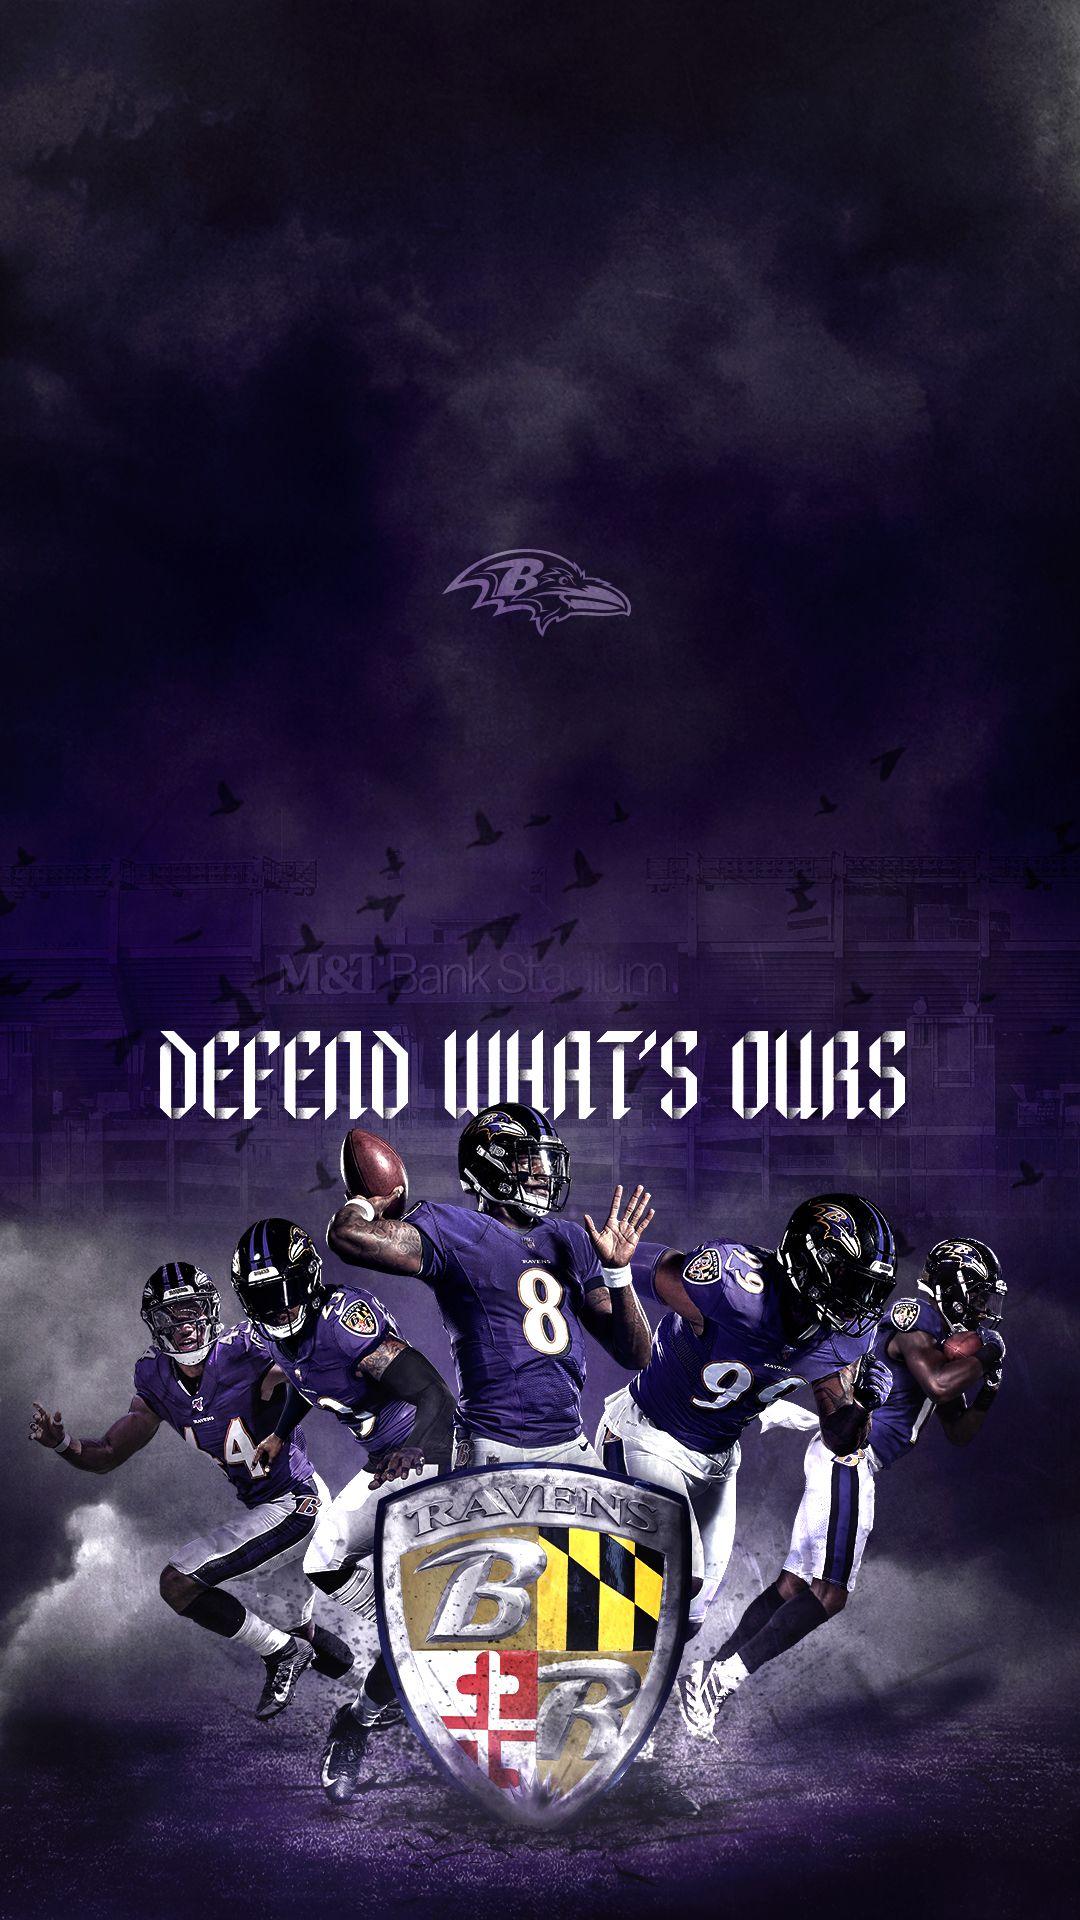 Trends For Iphone Nfl Ravens Wallpaper Images Baltimore Ravens Wallpapers Baltimore Ravens Football Nfl Ravens